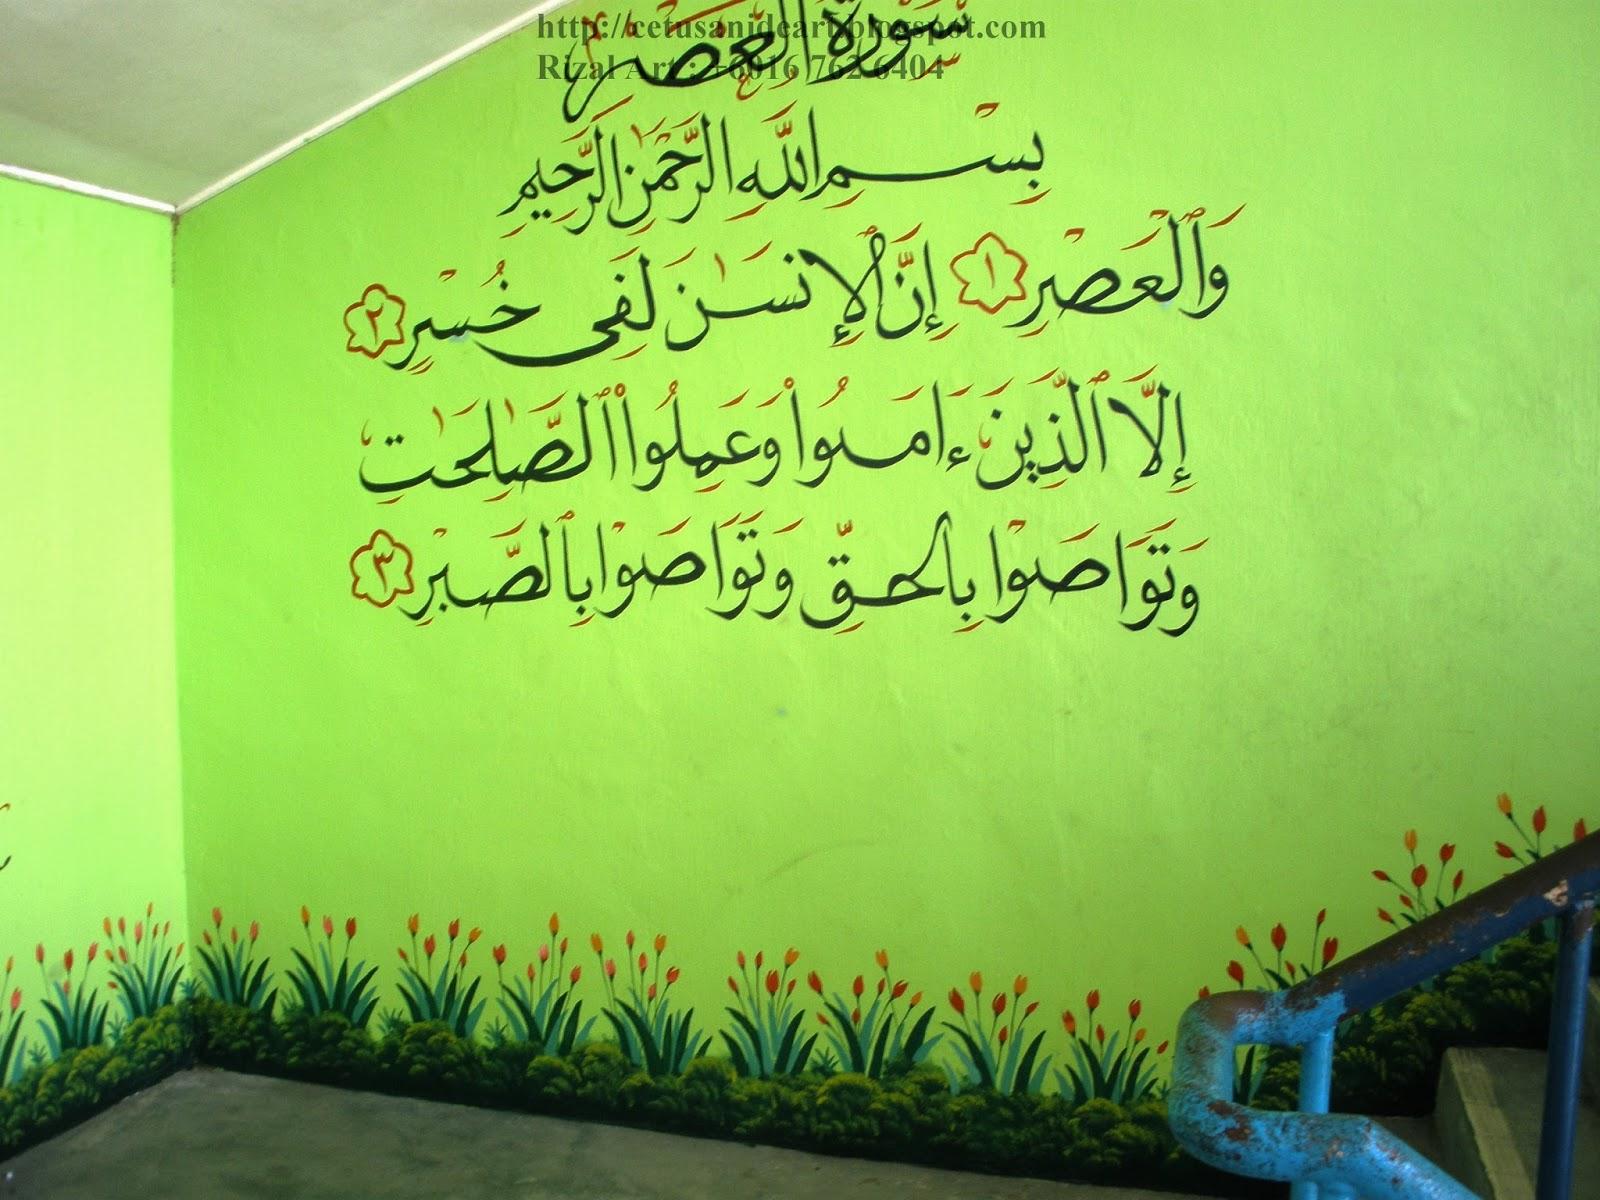 Mural Art Cetusan Idea Sample Image Mural Jawi